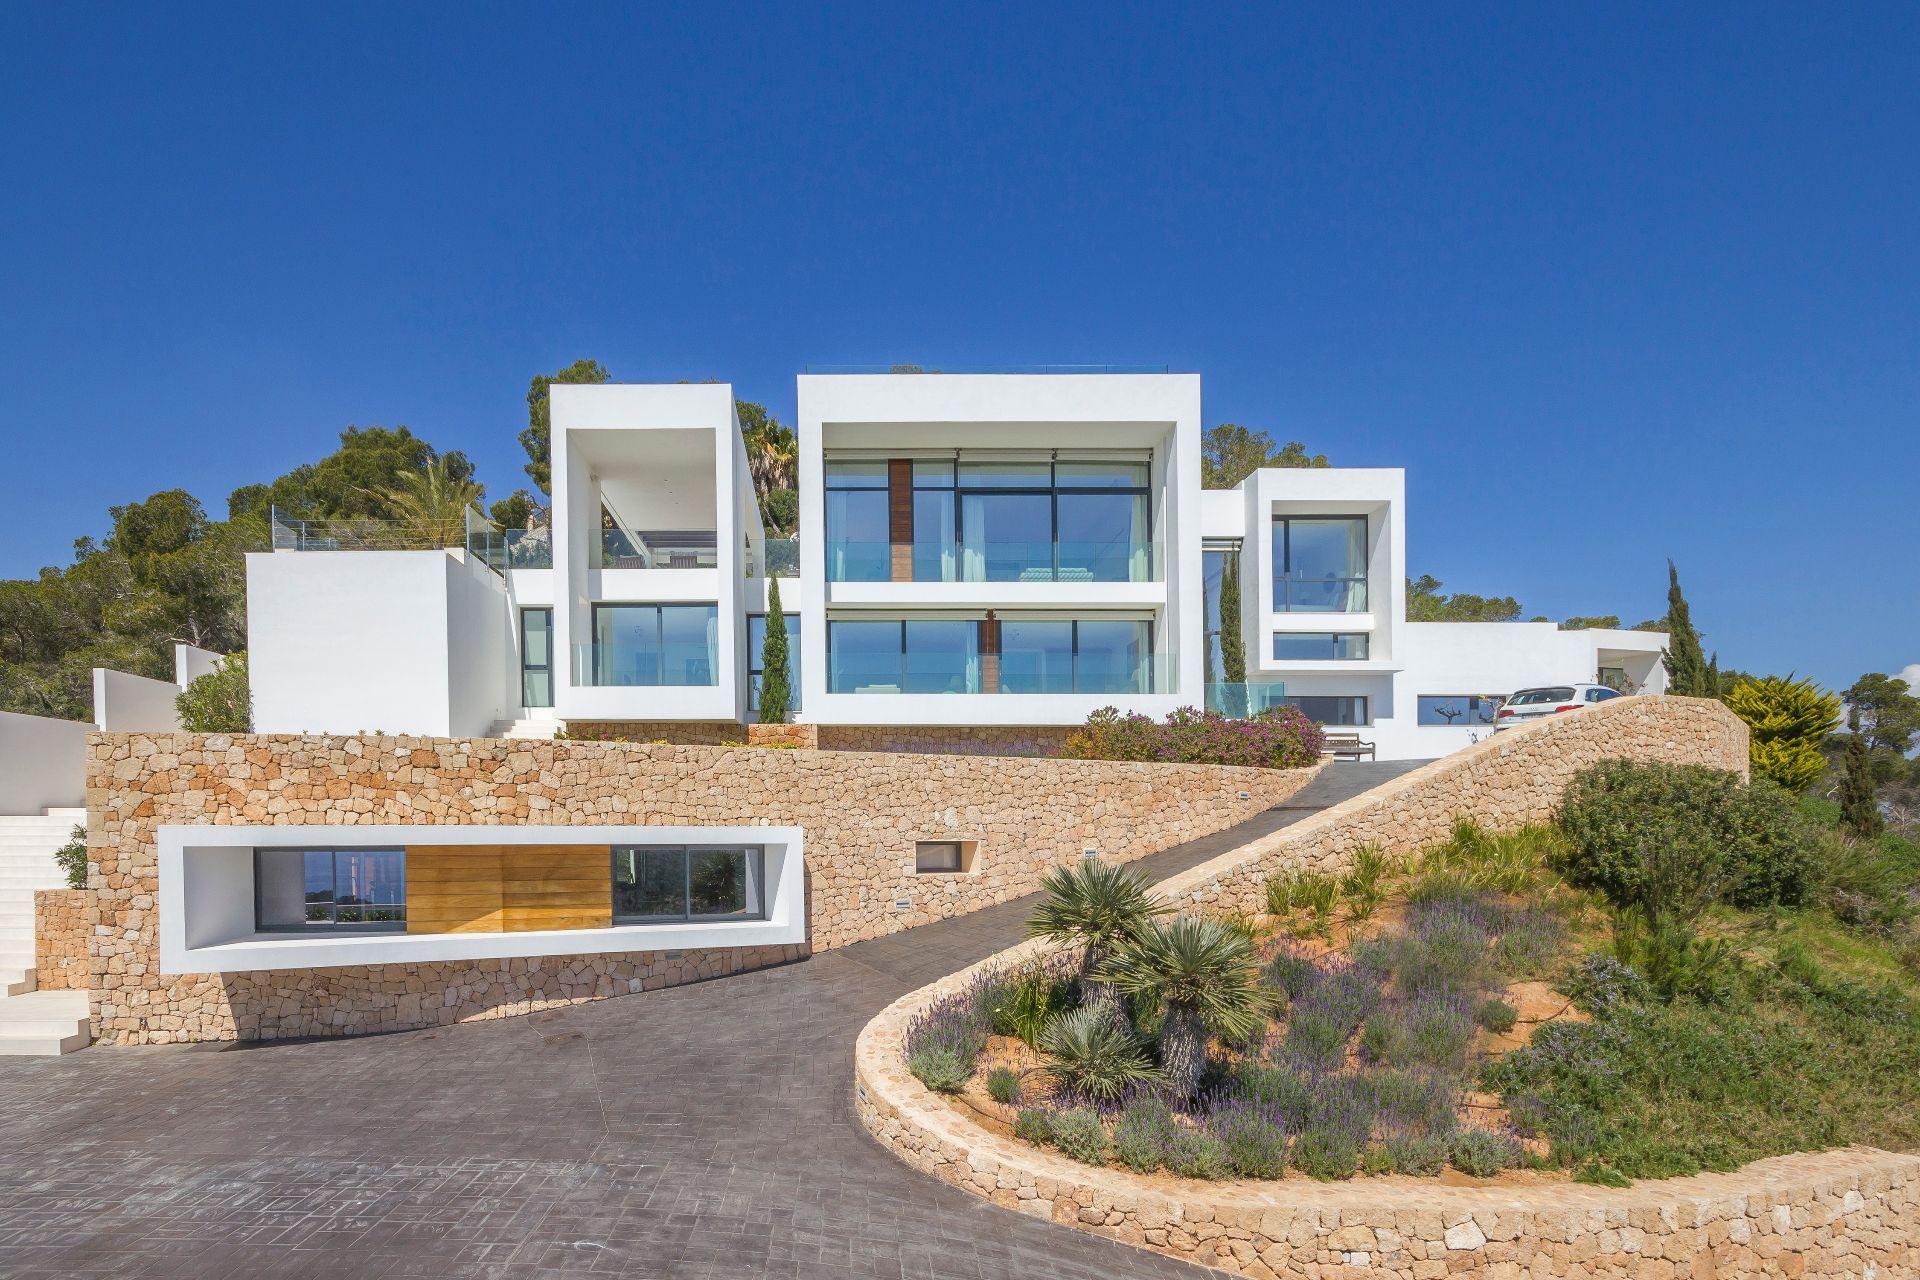 Luxury Villa in Santa Eulalia del Río, Roca LLisa, holiday rentals